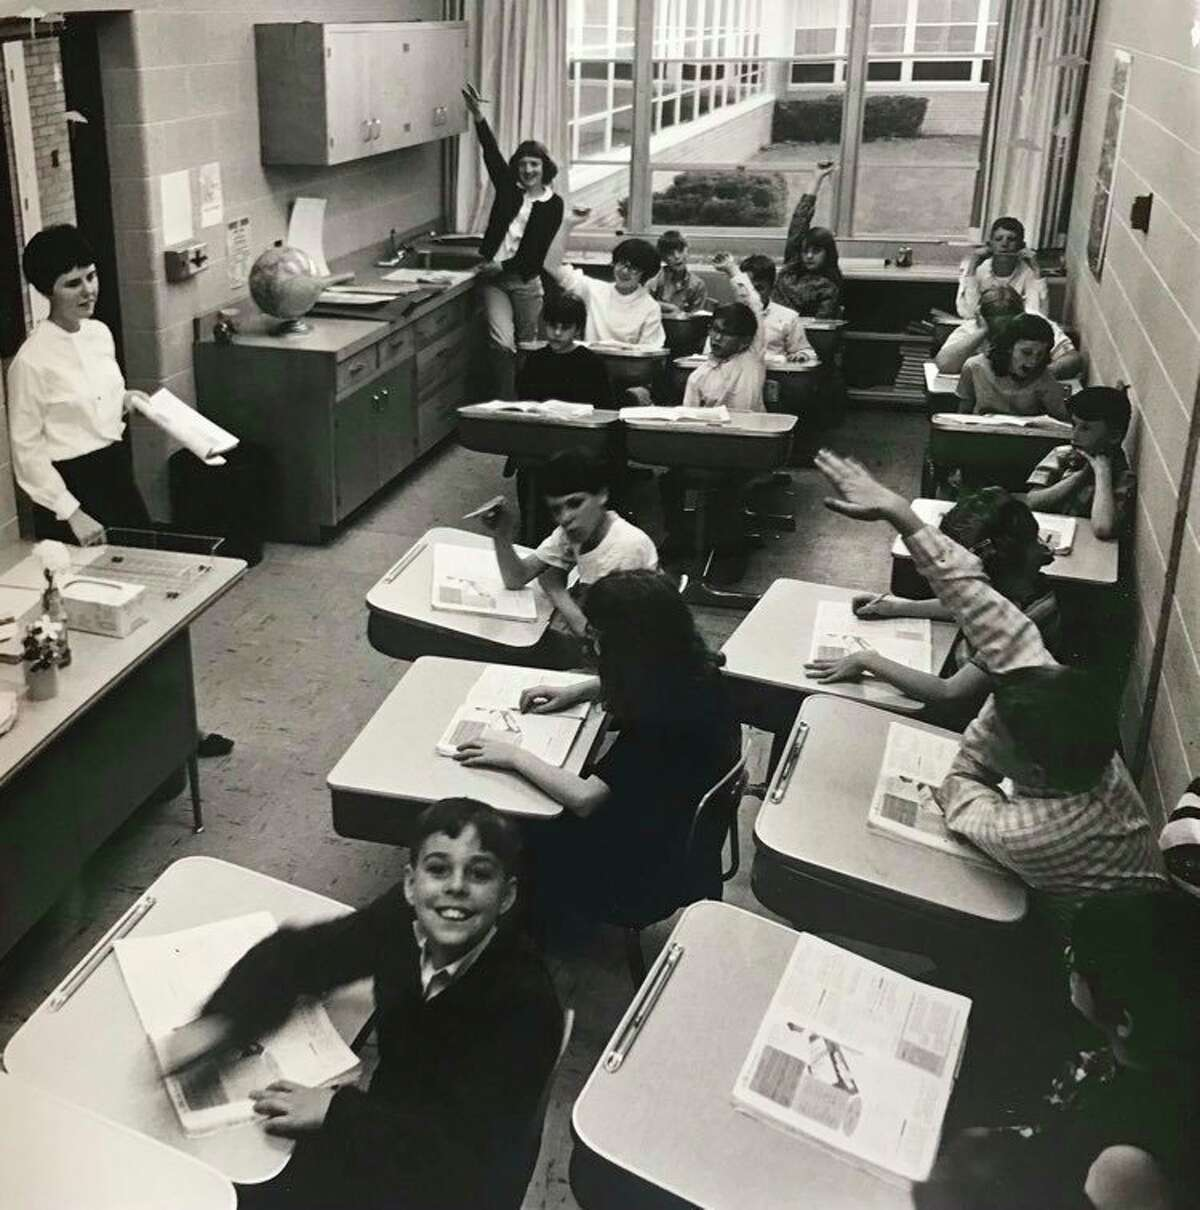 Untuk meringankan kondisi yang padat di ruang kelas kelas lima di Sekolah Dasar Siebert, ruang penyimpanan audiovisual diubah menjadi ruang kelas. Mei 1968